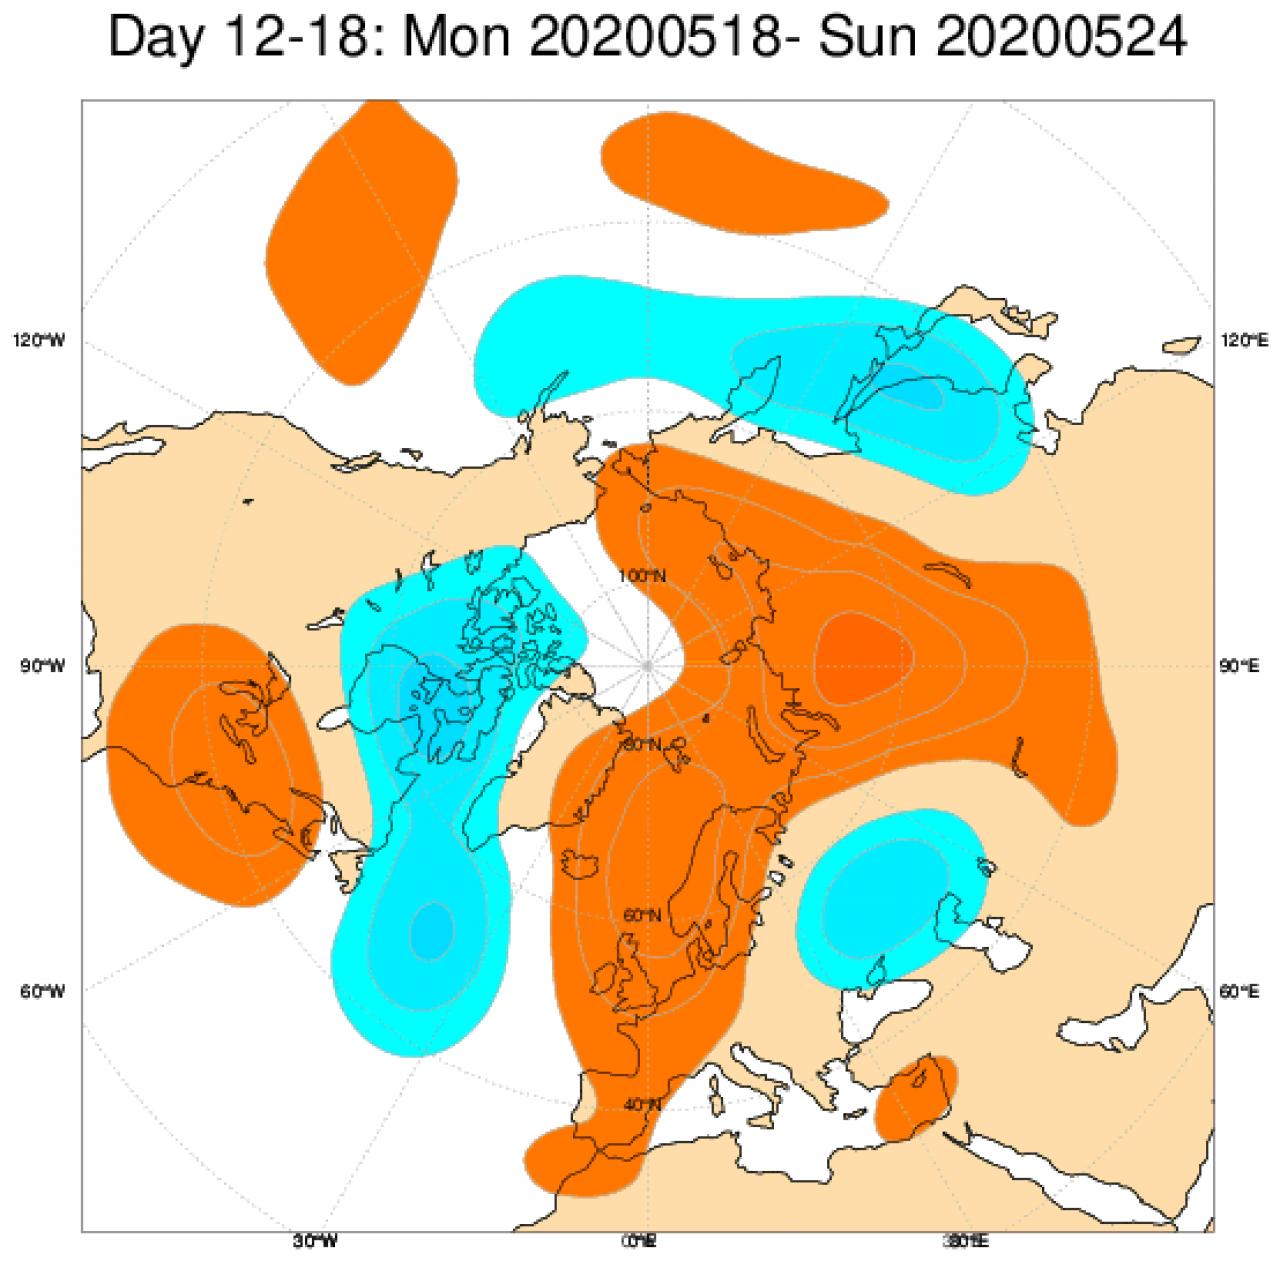 Anomalie di geopotenziale a 500hPa attese in Europa tra il 18 e il 24 maggio secondo il modello ECMWF